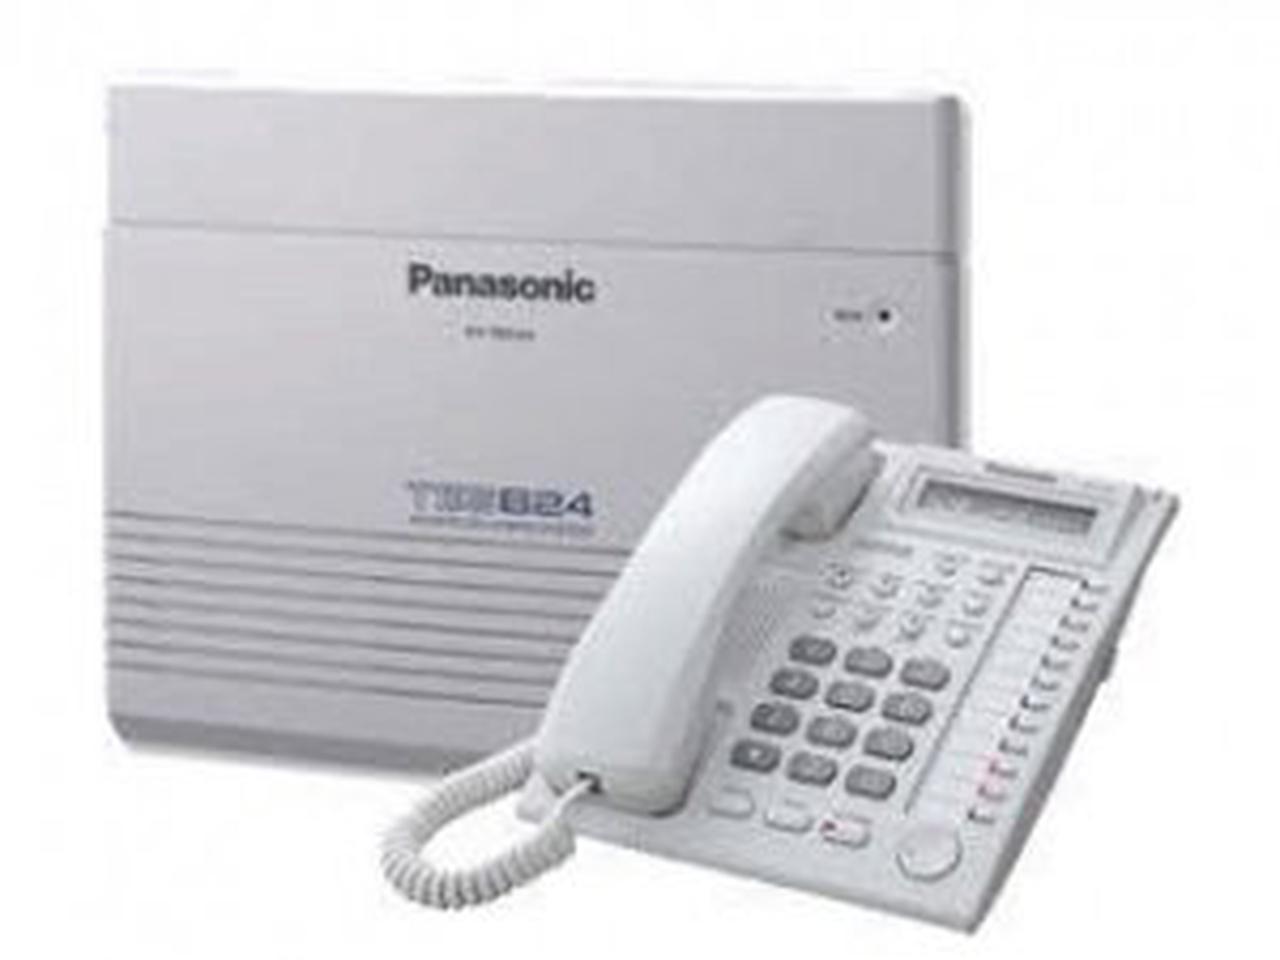 ตู้สาขาโทรศัพท์ panasonic รุ่น KX-TES824BX 3 สายนอก 8 สายใน รูปที่ 1